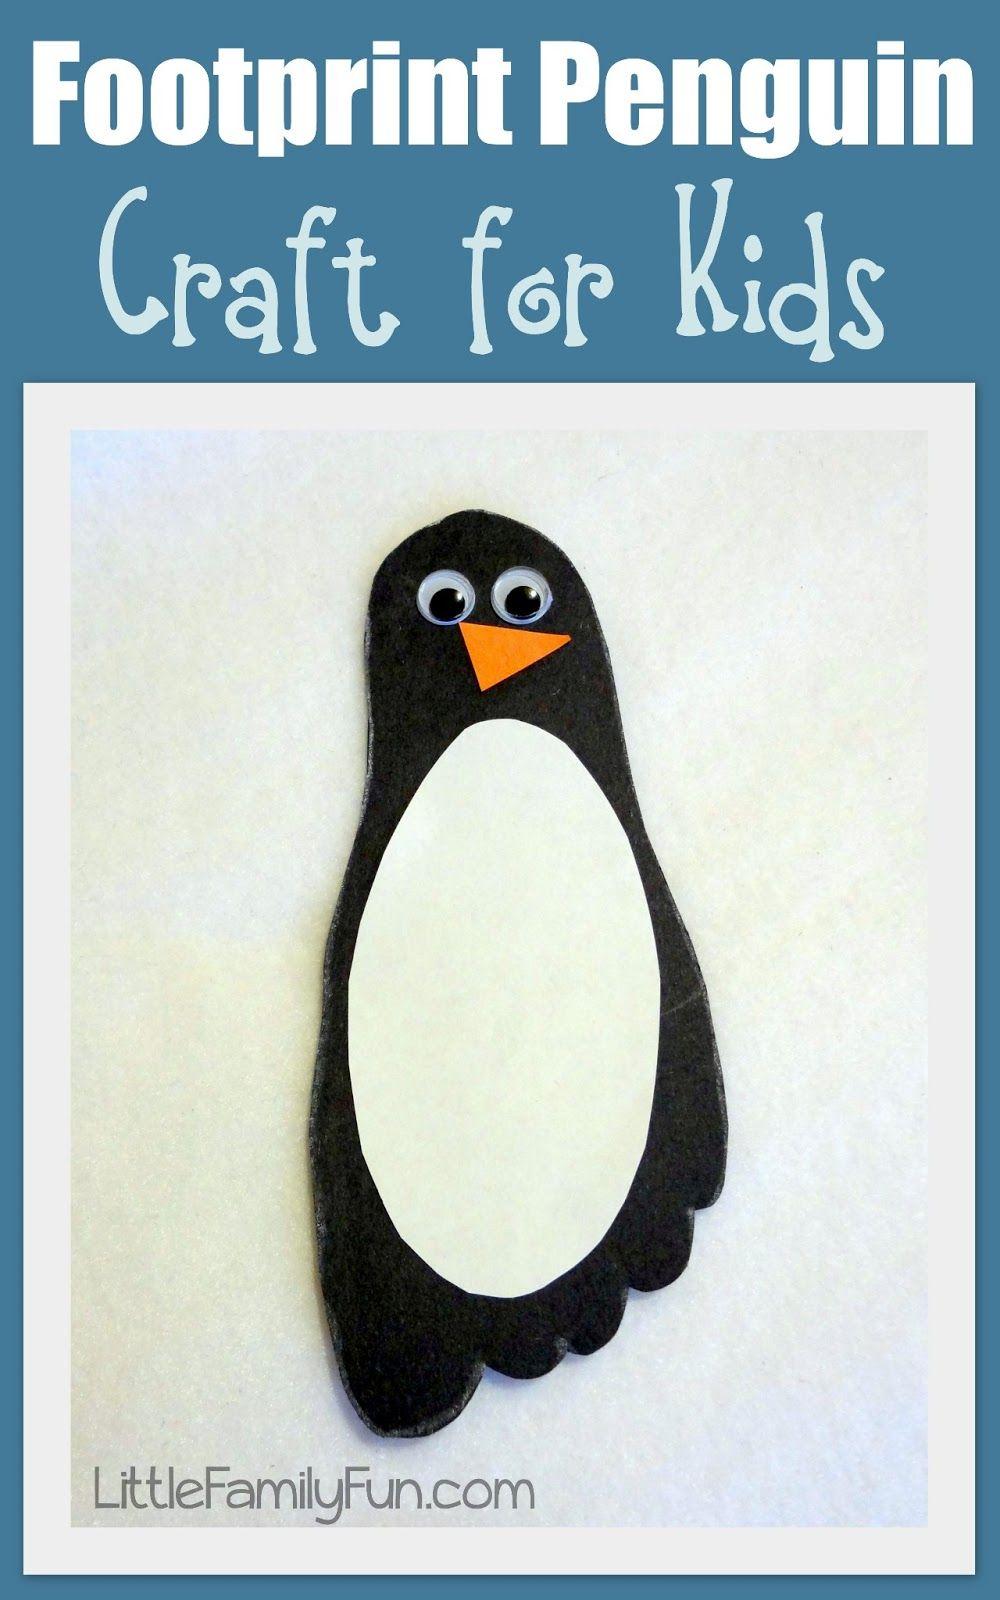 Footprint Penguin Craft Jesse Davidson we should do this